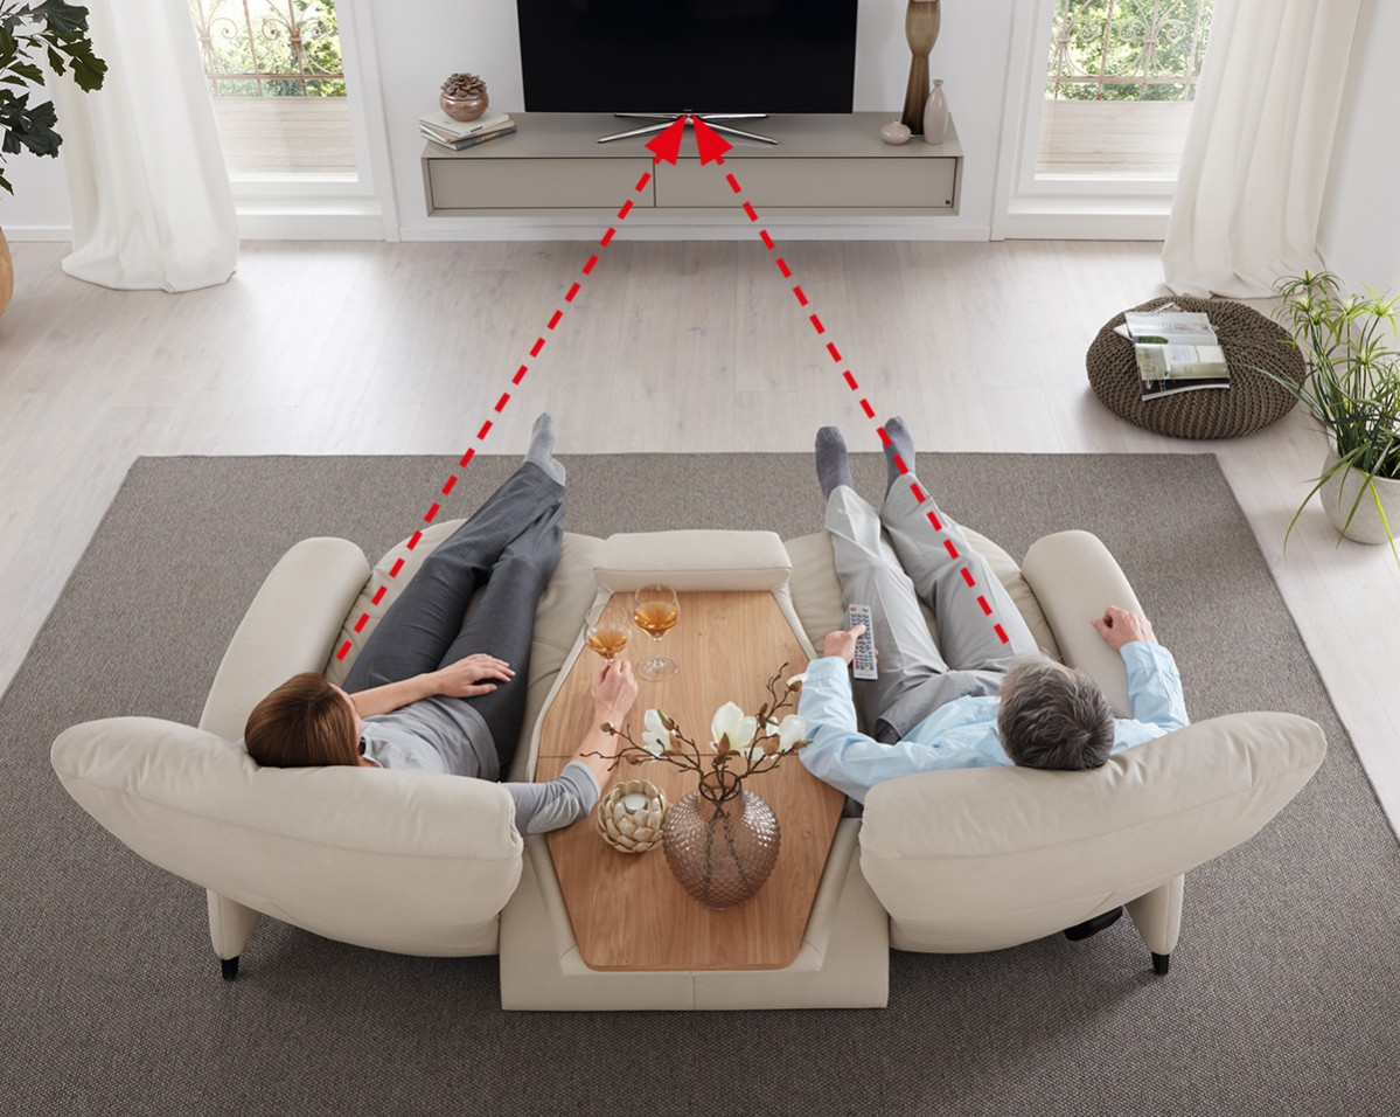 Inklusive Ablagetisch mit Schmetterlings-Technik.  Die trapezförmige Anordnung und das Comfortmaster-System mit anpassbaren Kopfstützen ermöglichen eine optimale Fernseh-Position.